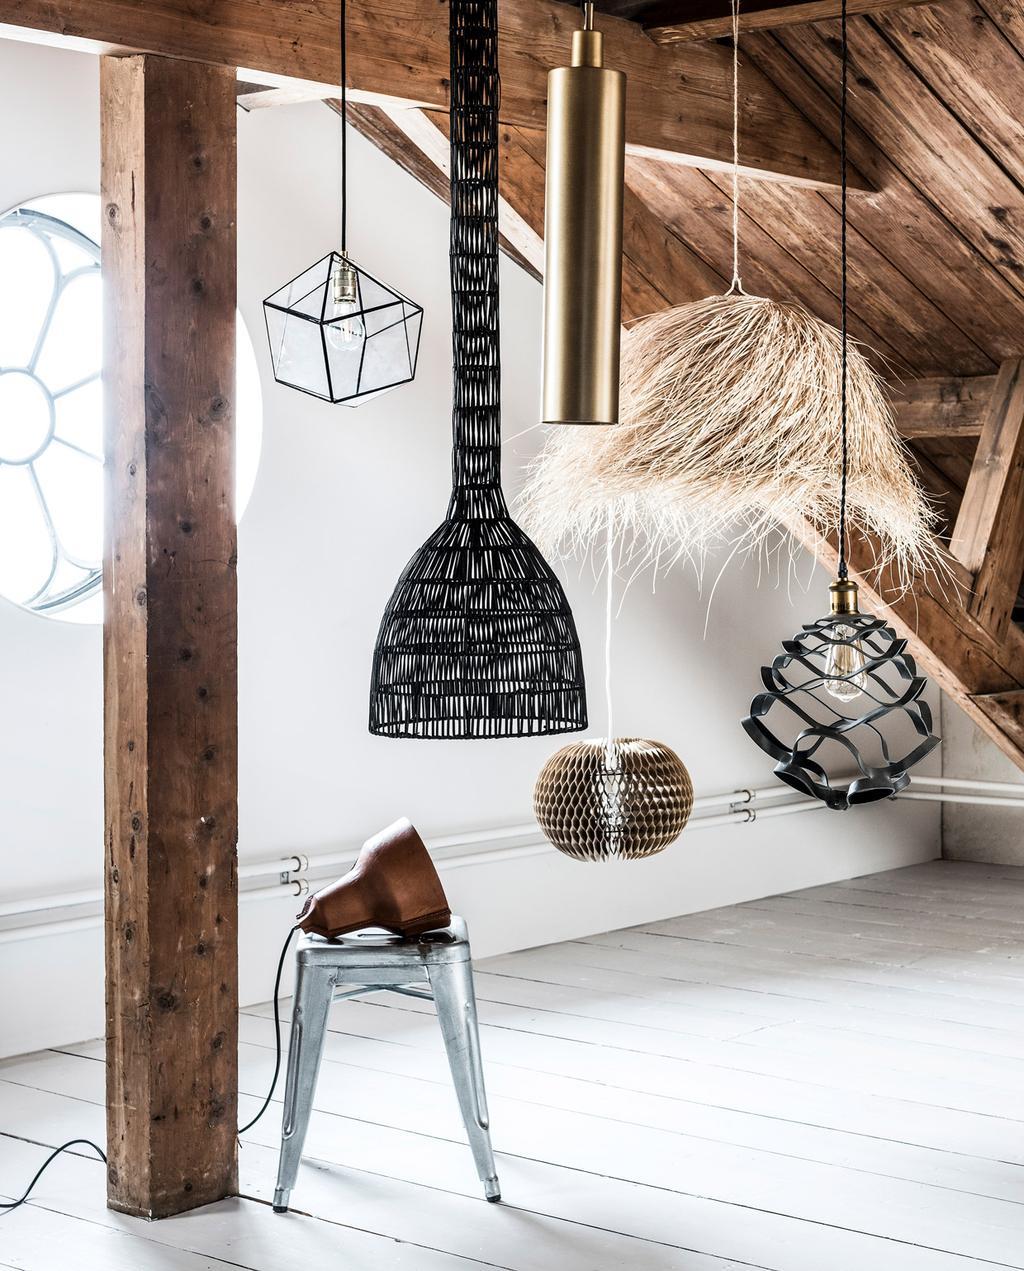 vtwonen 10-2018 | styling Marlies Does, fotografie Sjoerd Eickmans | lampen